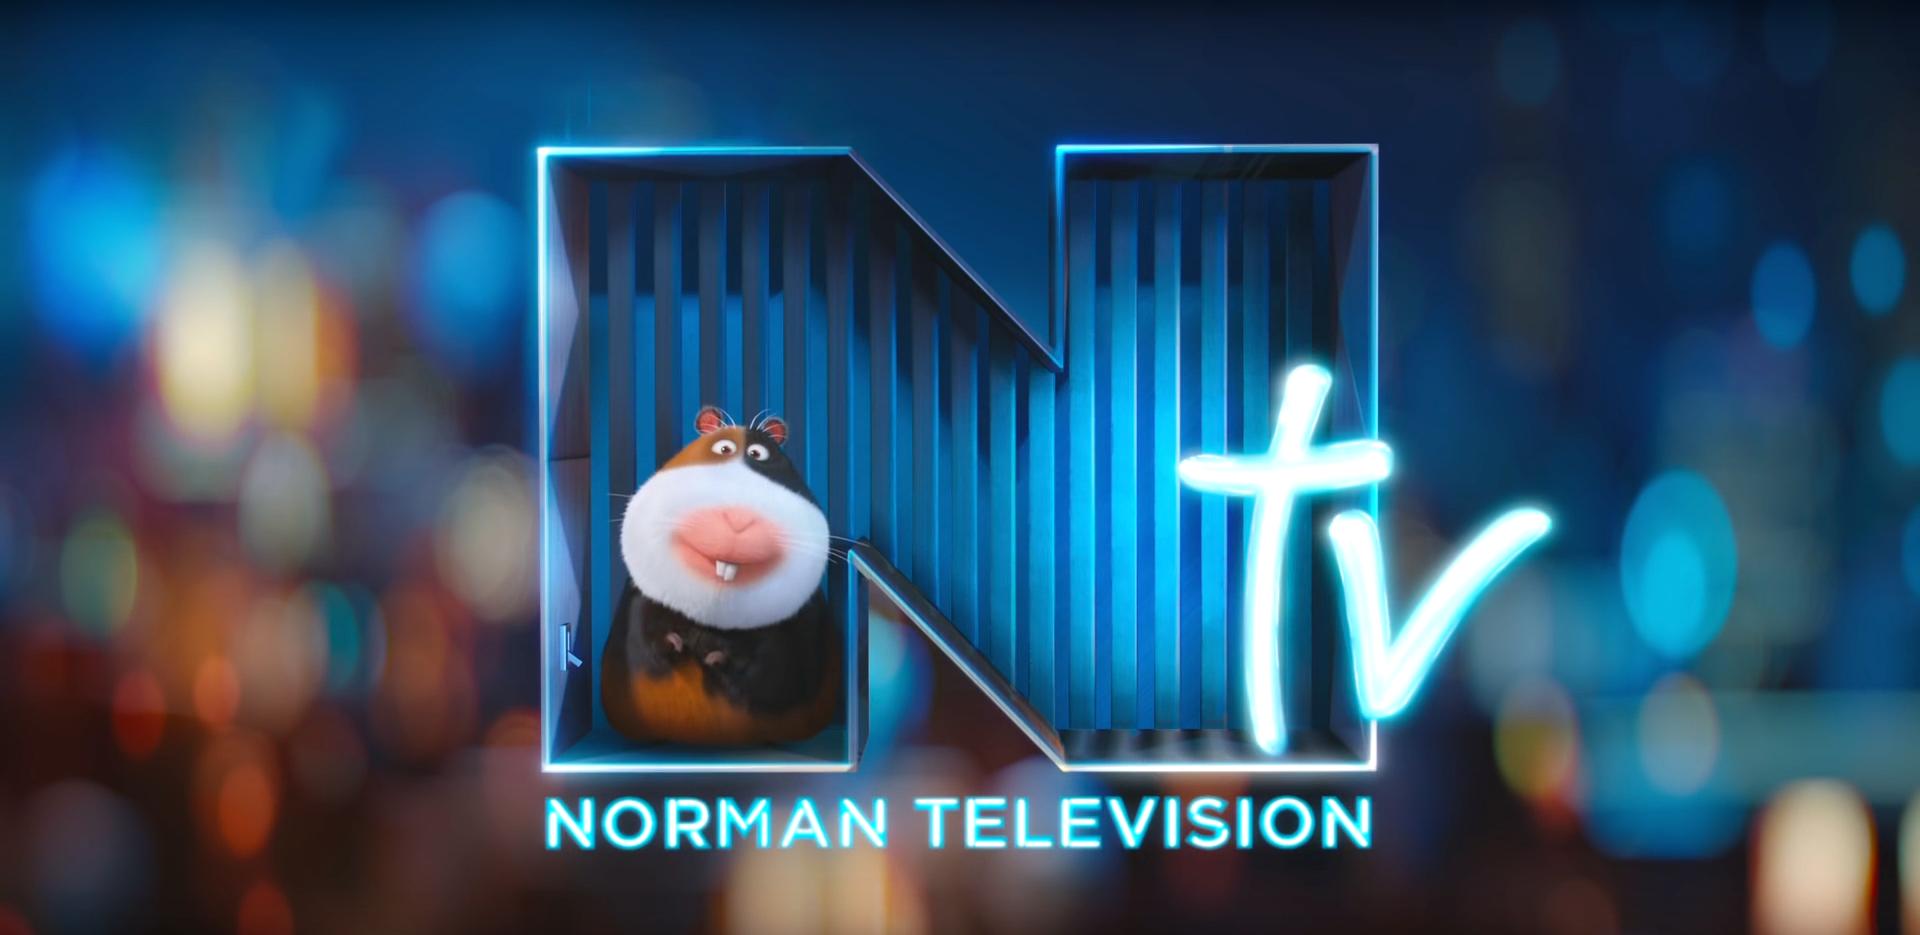 Norman Television (2016) (Shorts)